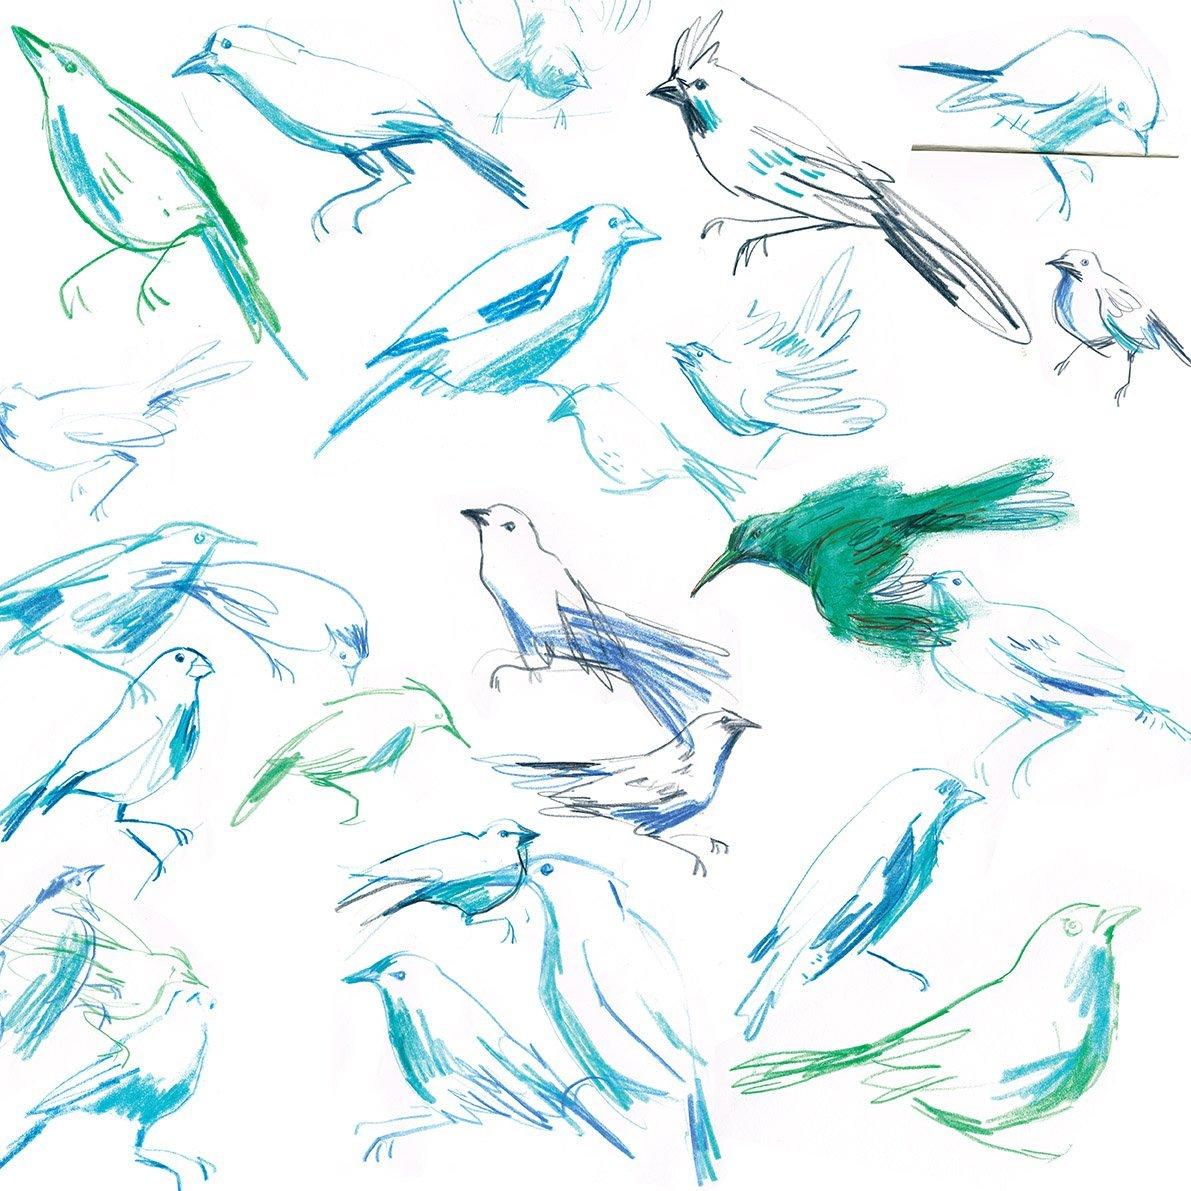 horniman birds laura mckendry